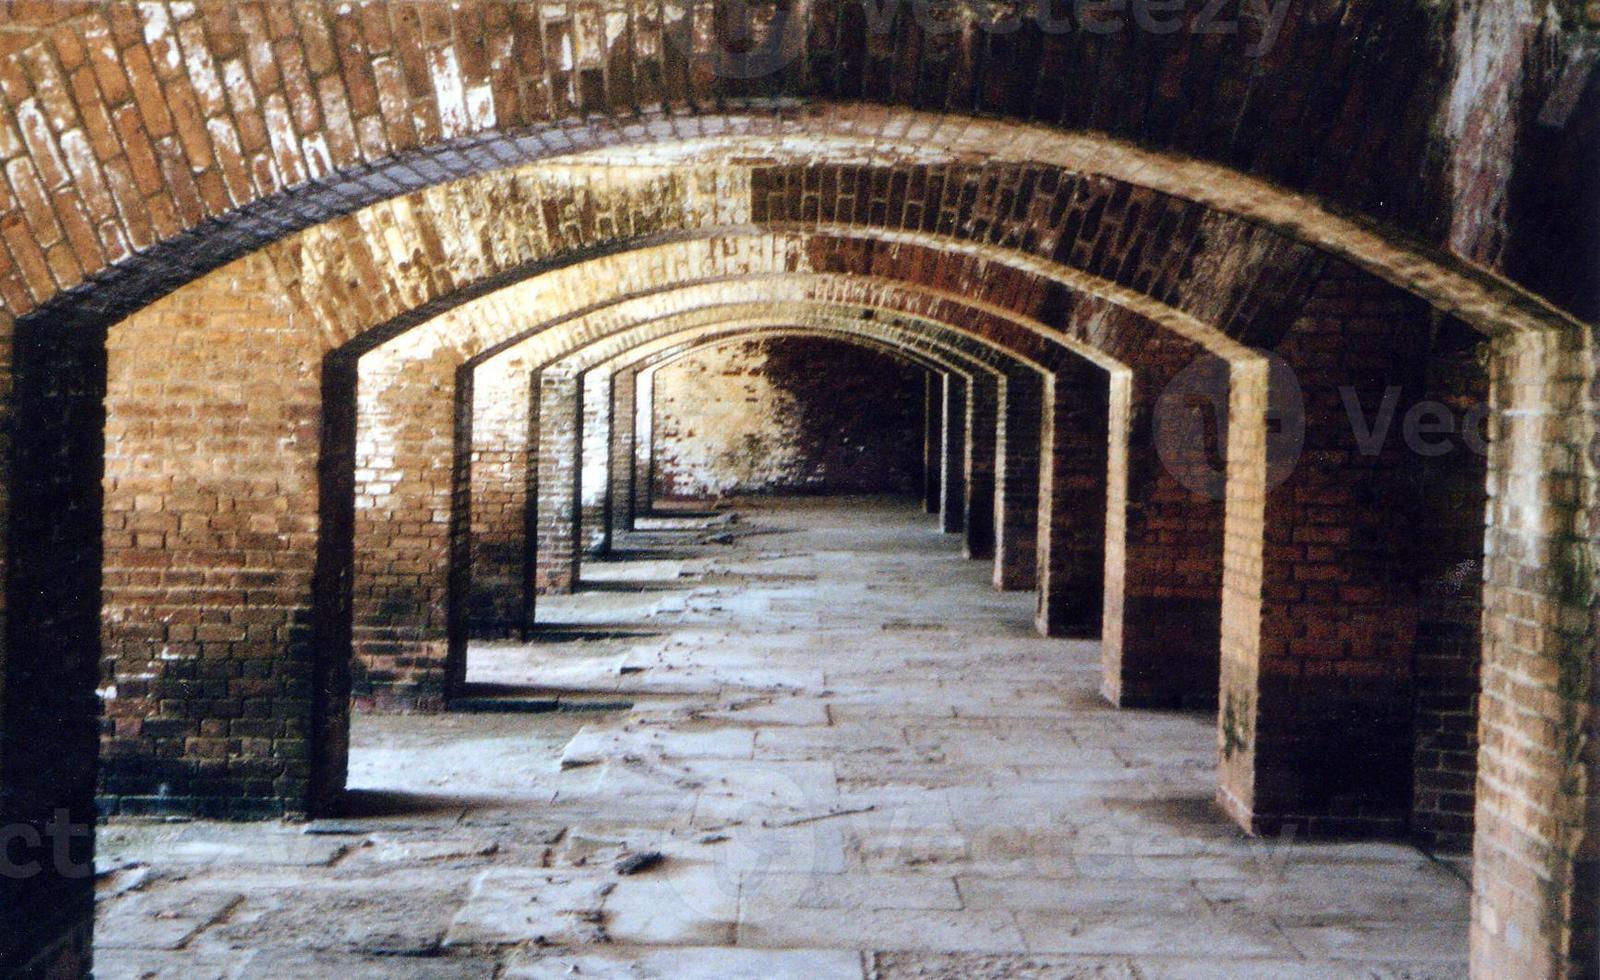 parc national du fort jefferson photo